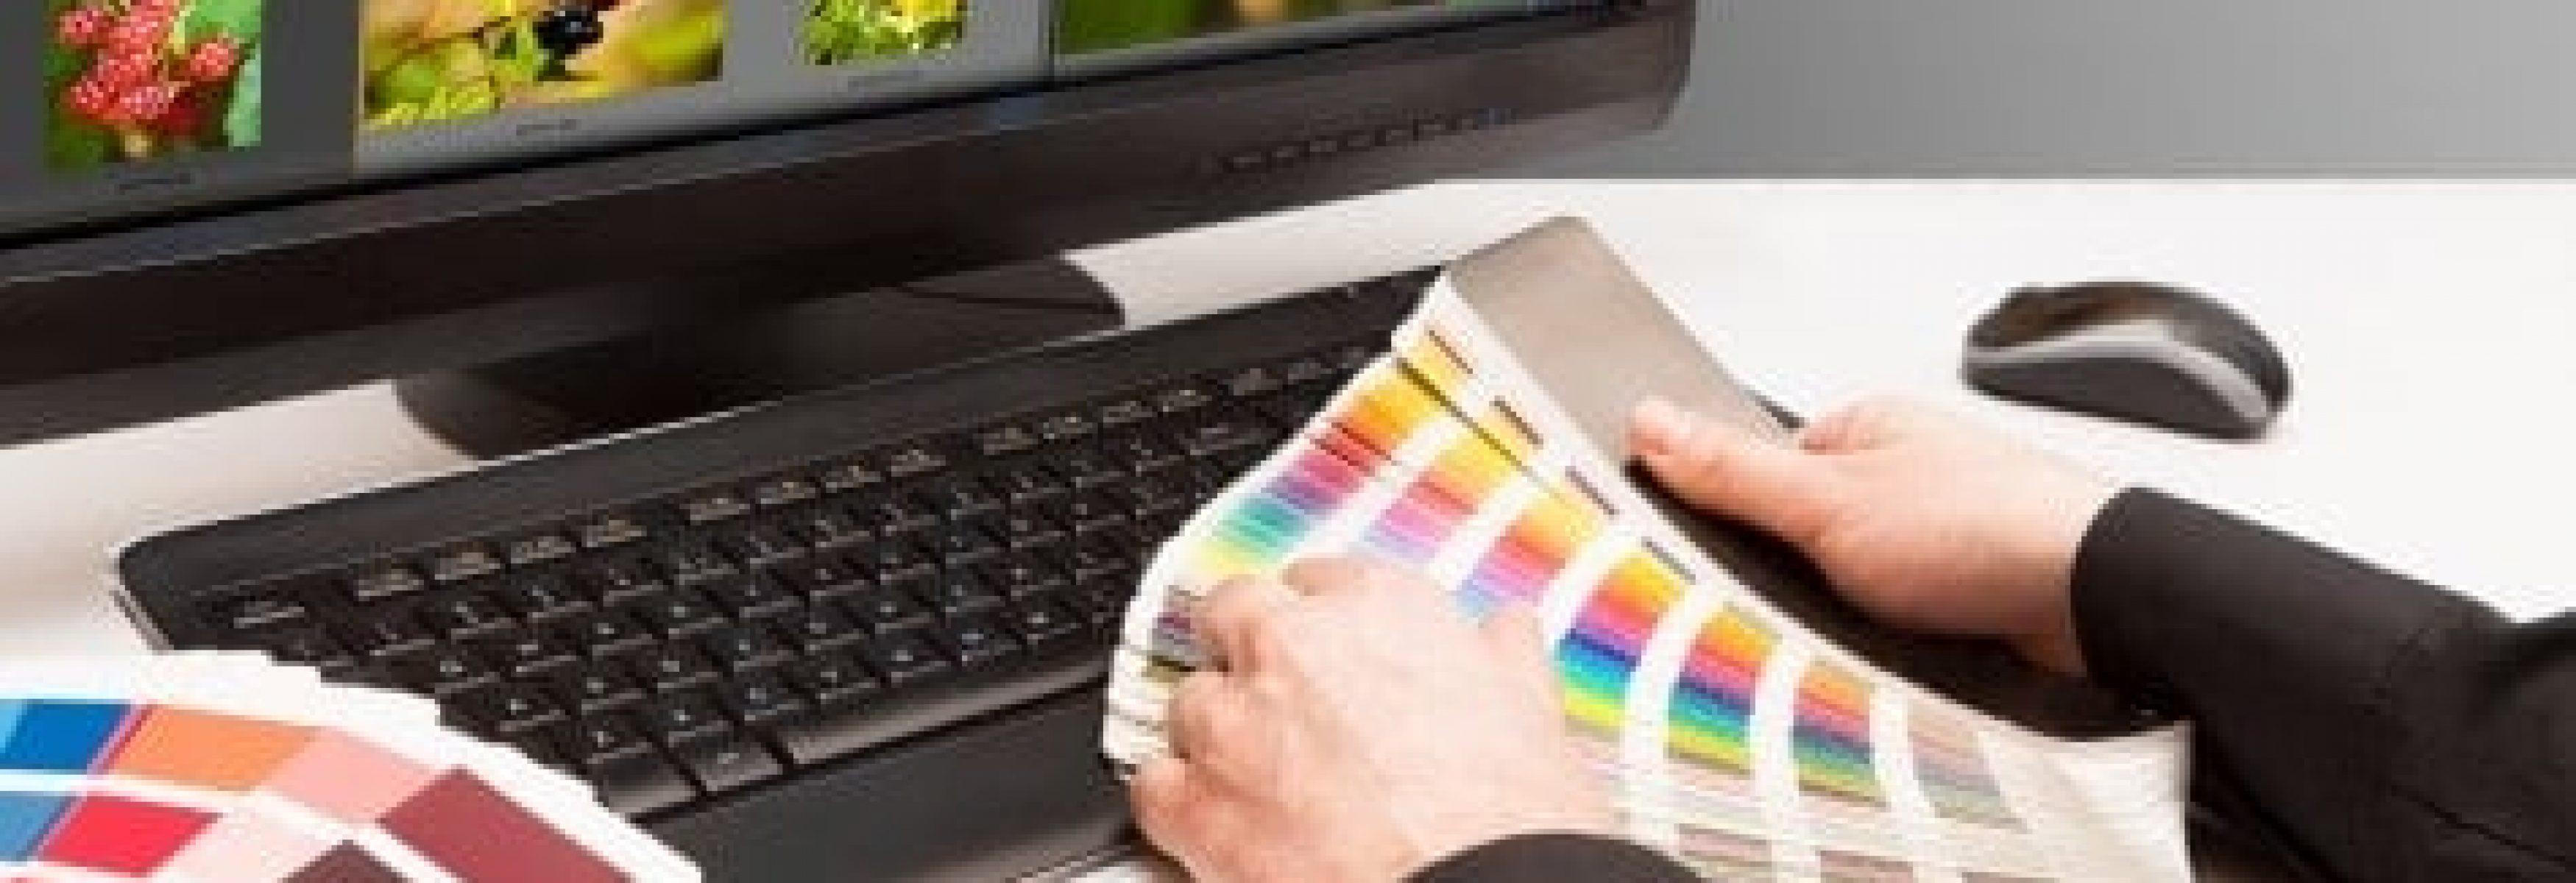 מדריך מהיר לעיצוב אתרים